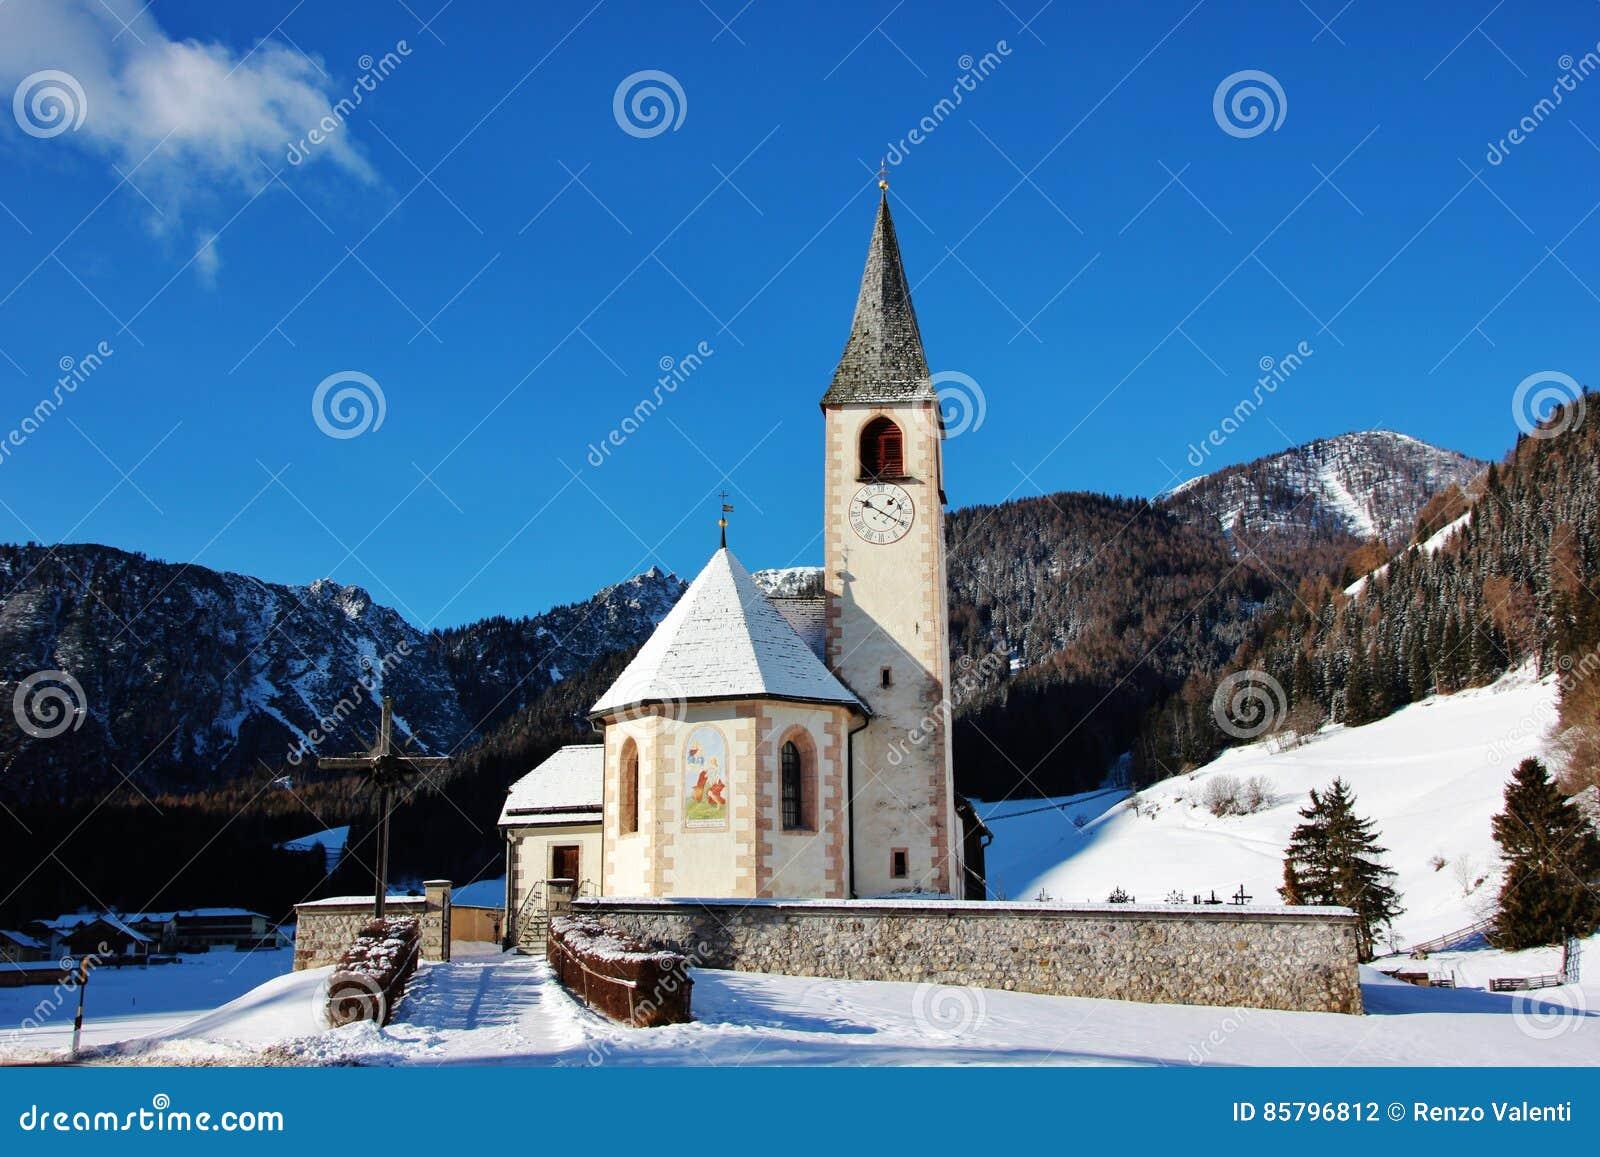 San Vito Church in Italy